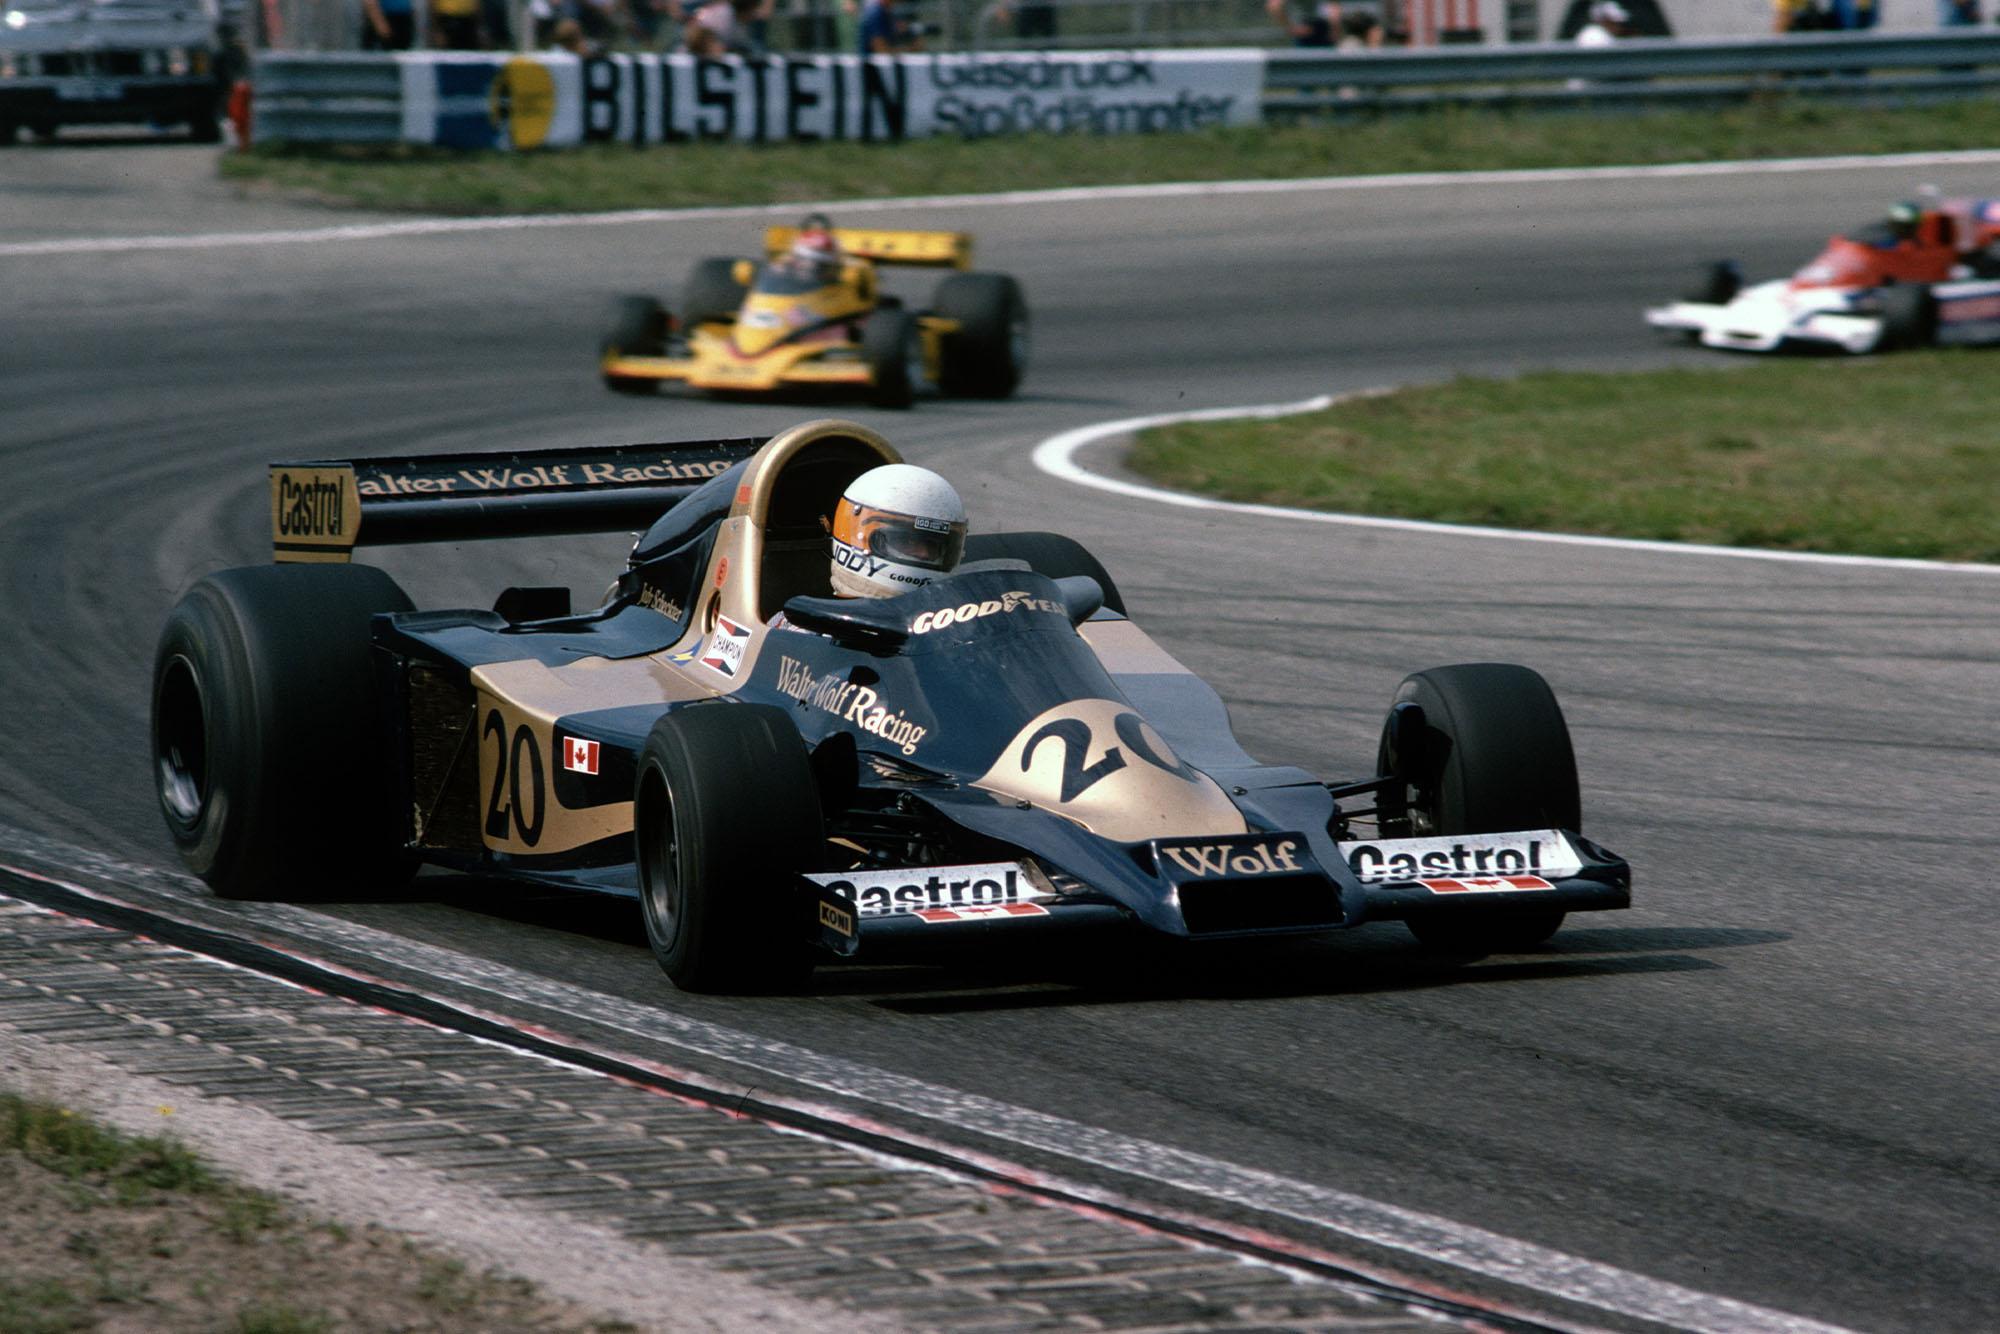 Jody Scheckter (Wolf) during the 1977 Dutch Grand Prix, Zandvoort.